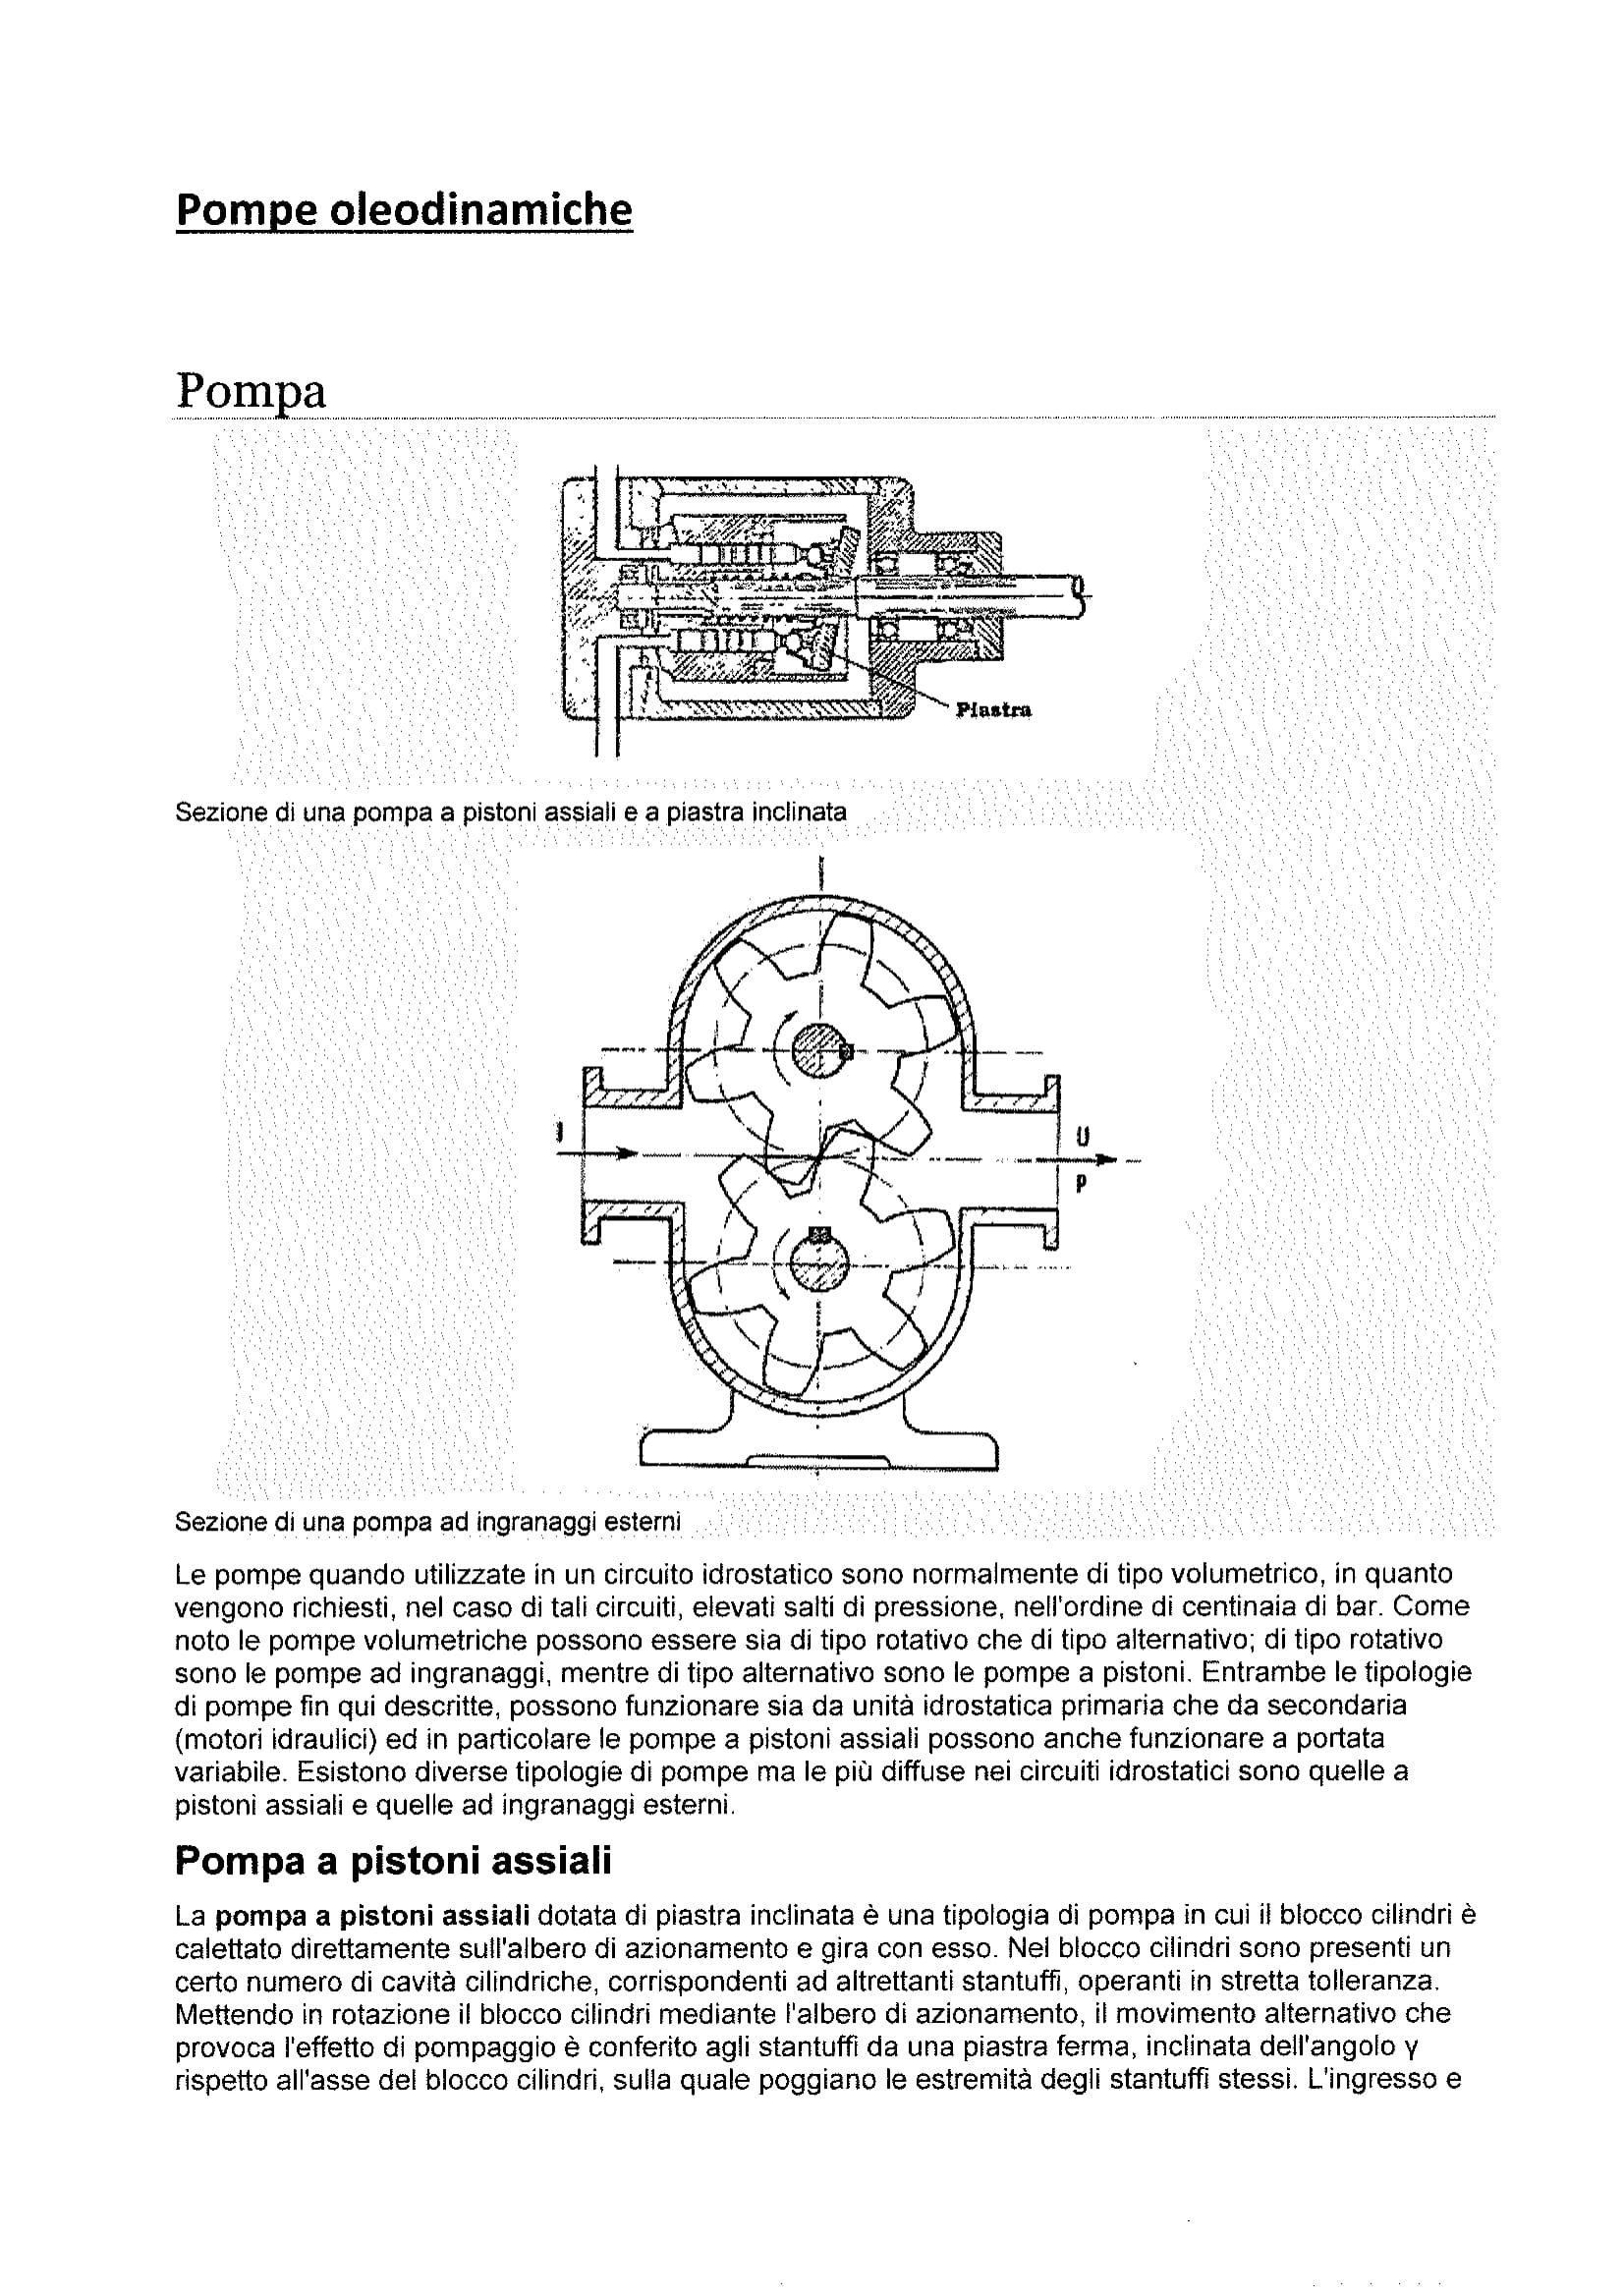 Corso di base sull'oleodinamica navale-16